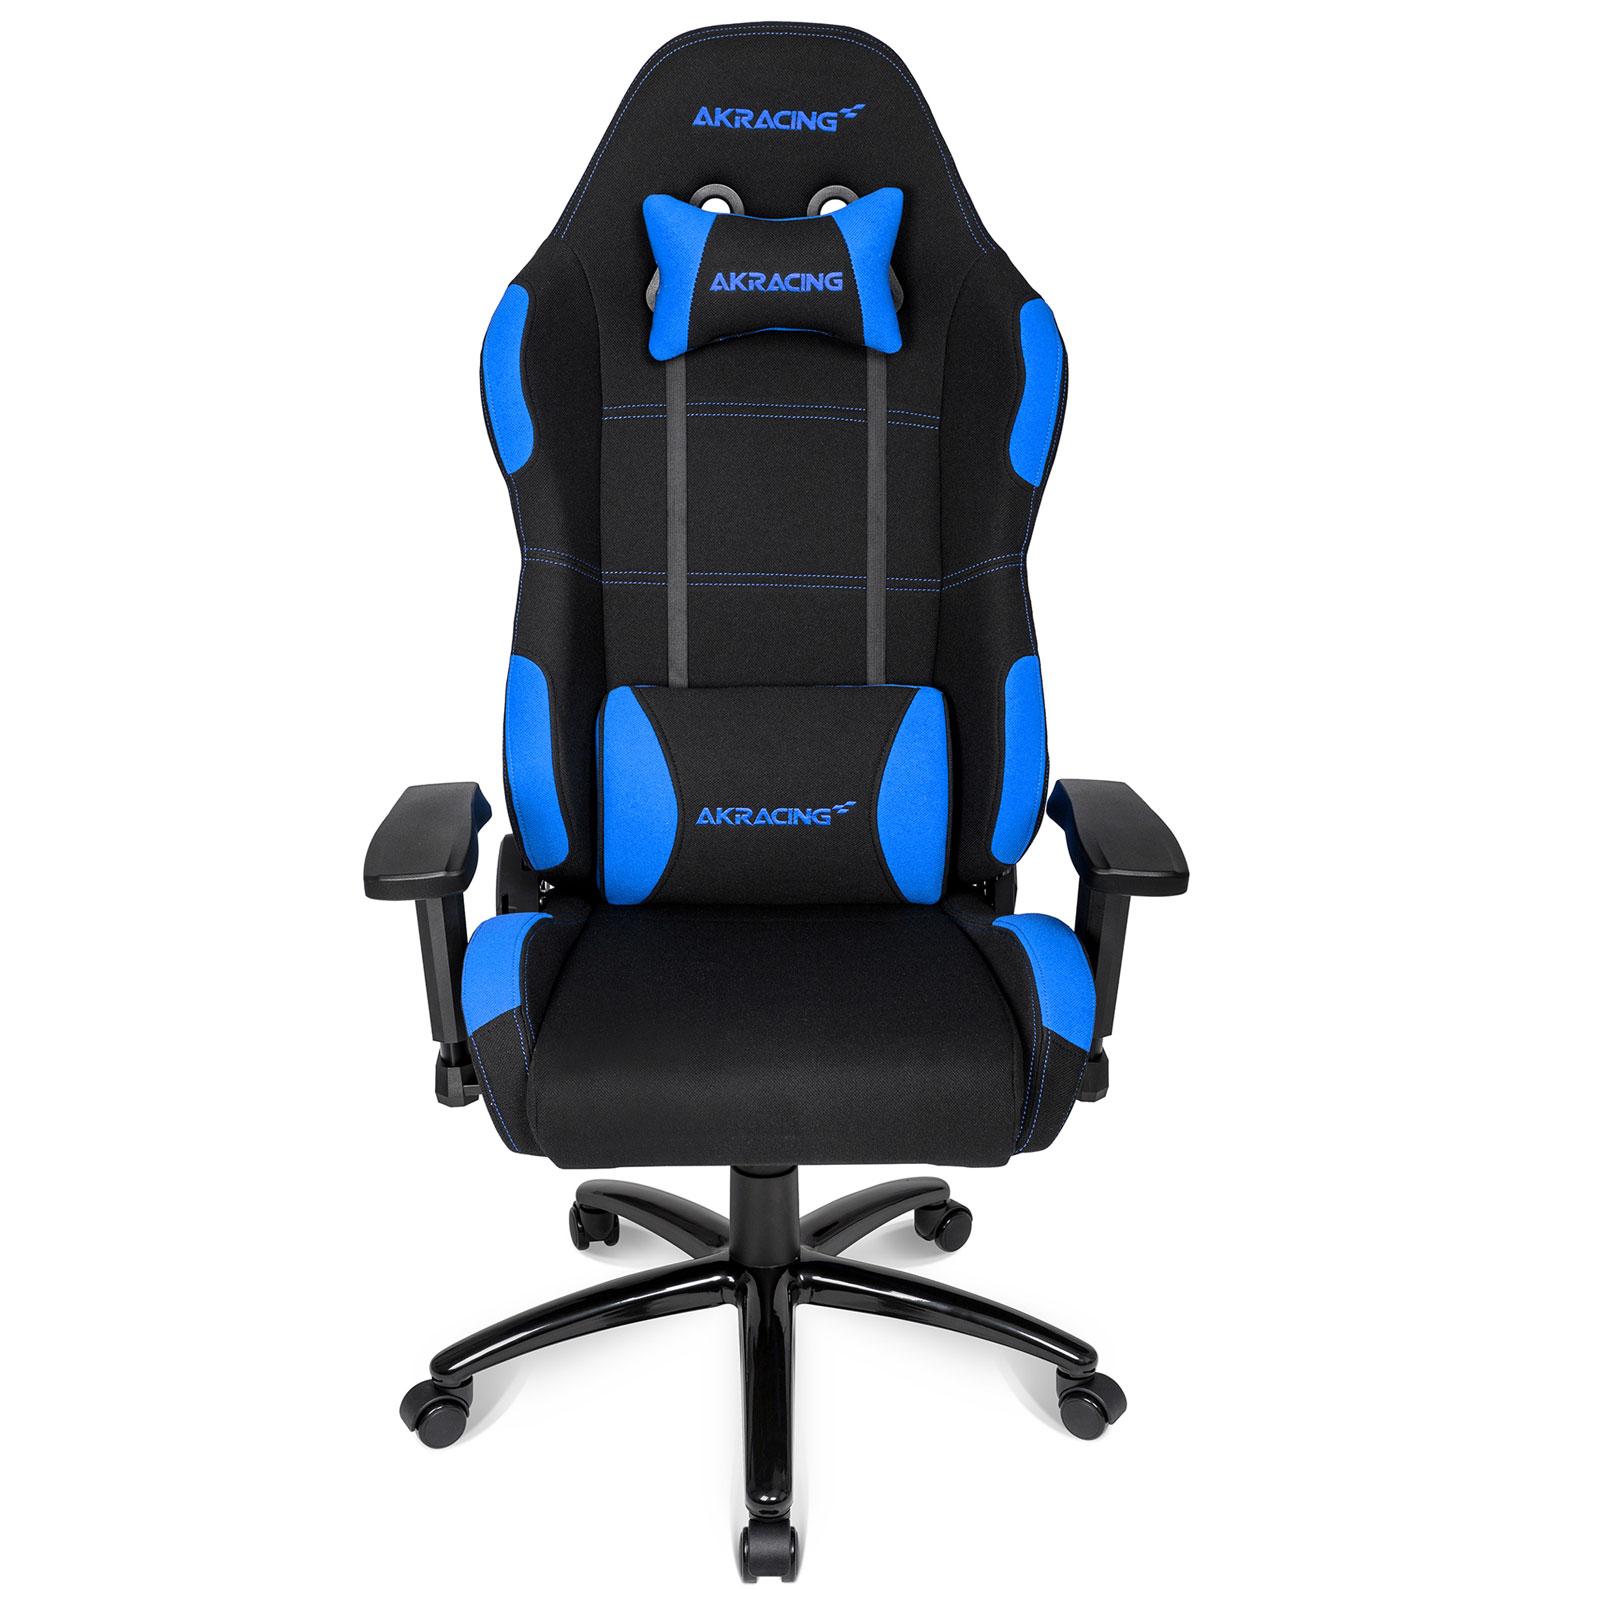 AKRacing Gaming Desk Bleu Fauteuil Gamer AKRacing Sur